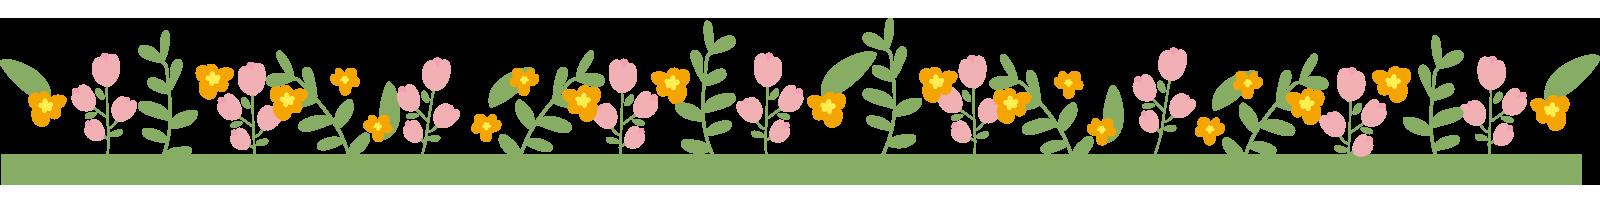 ピンクの小花とオレンジ色の小花のライン